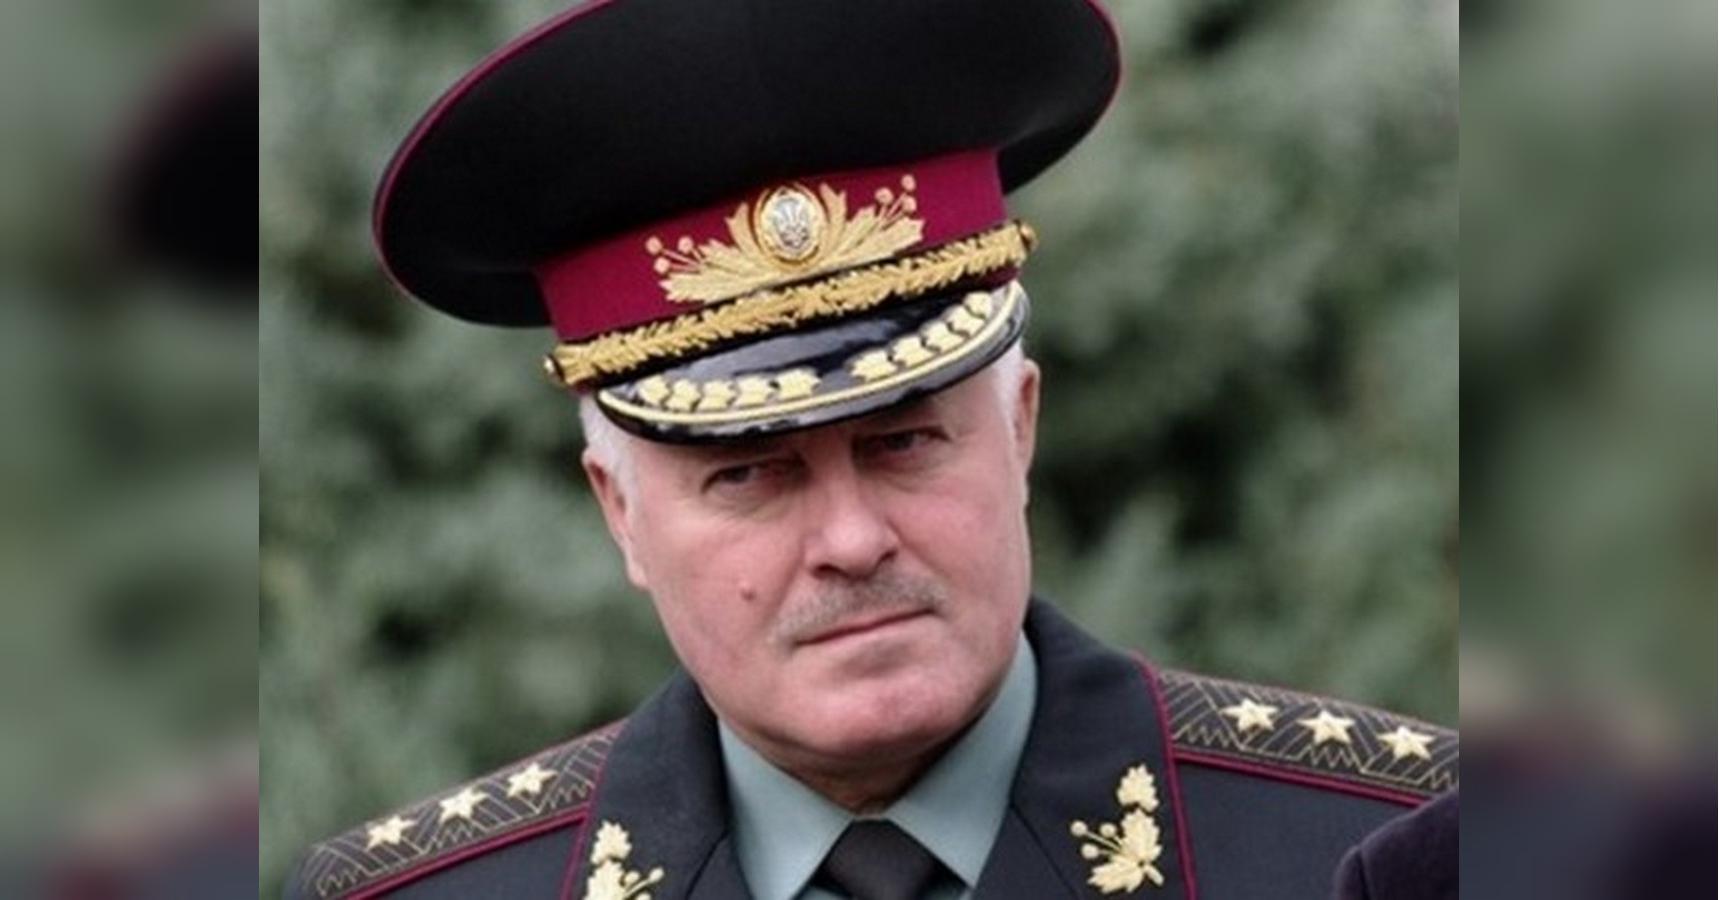 Экс-руководитель Генштаба генерал Замана вышел на свободу - фото и видео -  «ФАКТЫ»